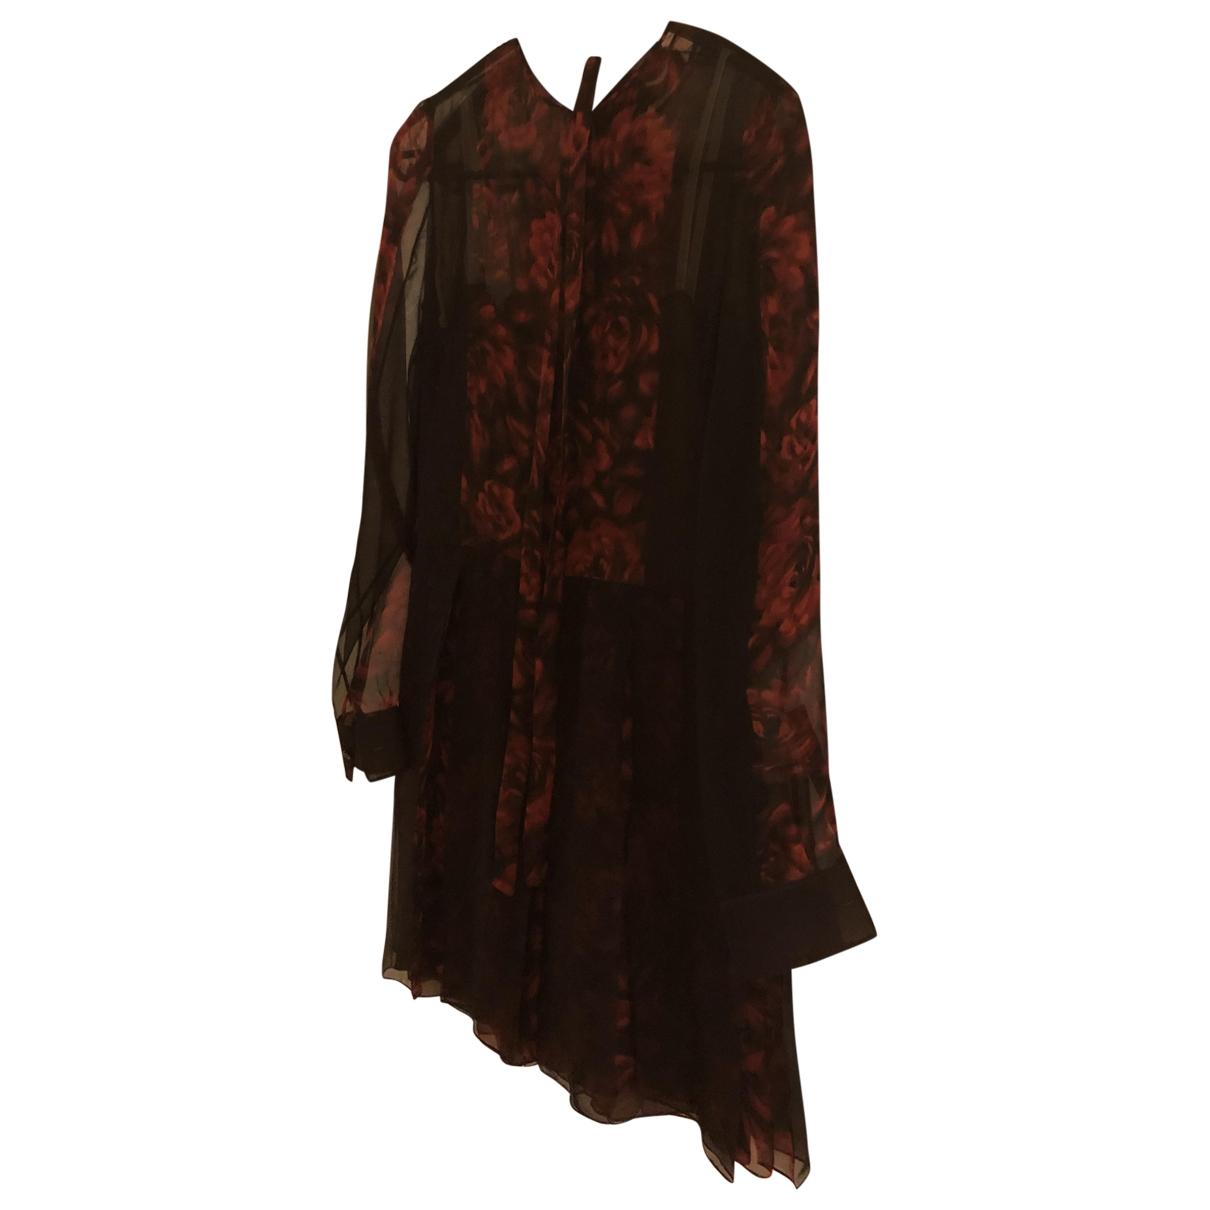 Valentino Garavani \N Burgundy Silk jumpsuit for Women 38 IT